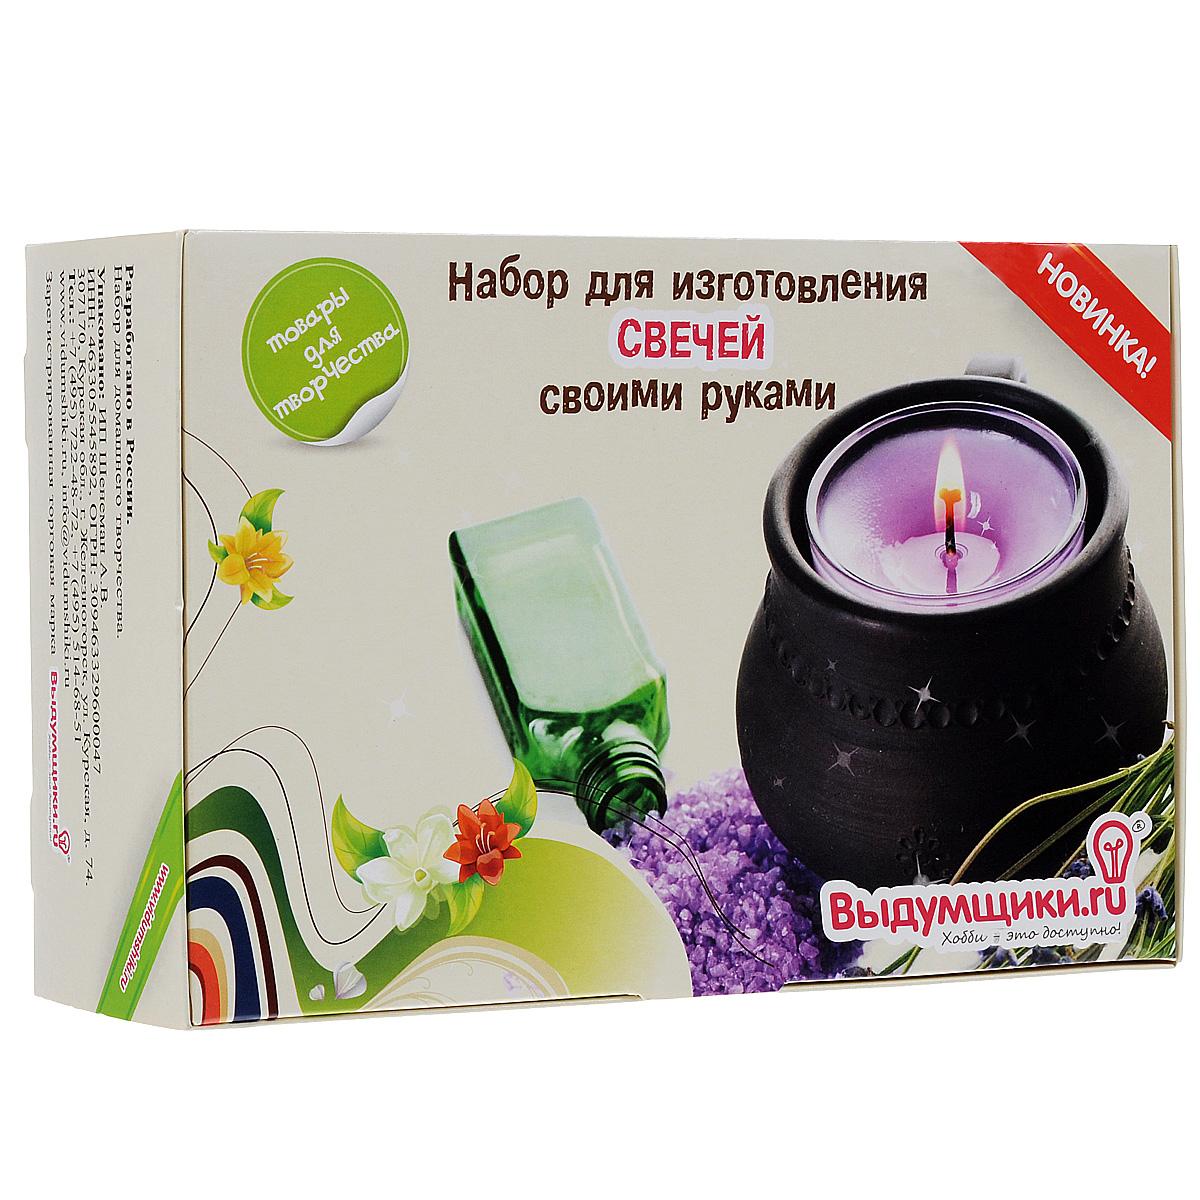 """С помощью набора """"Базовый"""" вы создадите неповторимый образец свечи. Удивительная свеча ручной работы станет прекрасным подарком для ваших друзей и близких. Ингредиенты, входящие в набор, полностью безопасны при использовании по назначению. Перед началом экспериментов внимательно ознакомьтесь с инструкцией. Состав набора: - свечная основа; - фитиль, 10 см; - краситель для свечи; - форма для свечи, 4 шт; - инструкция. Средний размер готовой свечи: 4,1 см х 4,1 см х 2 см."""